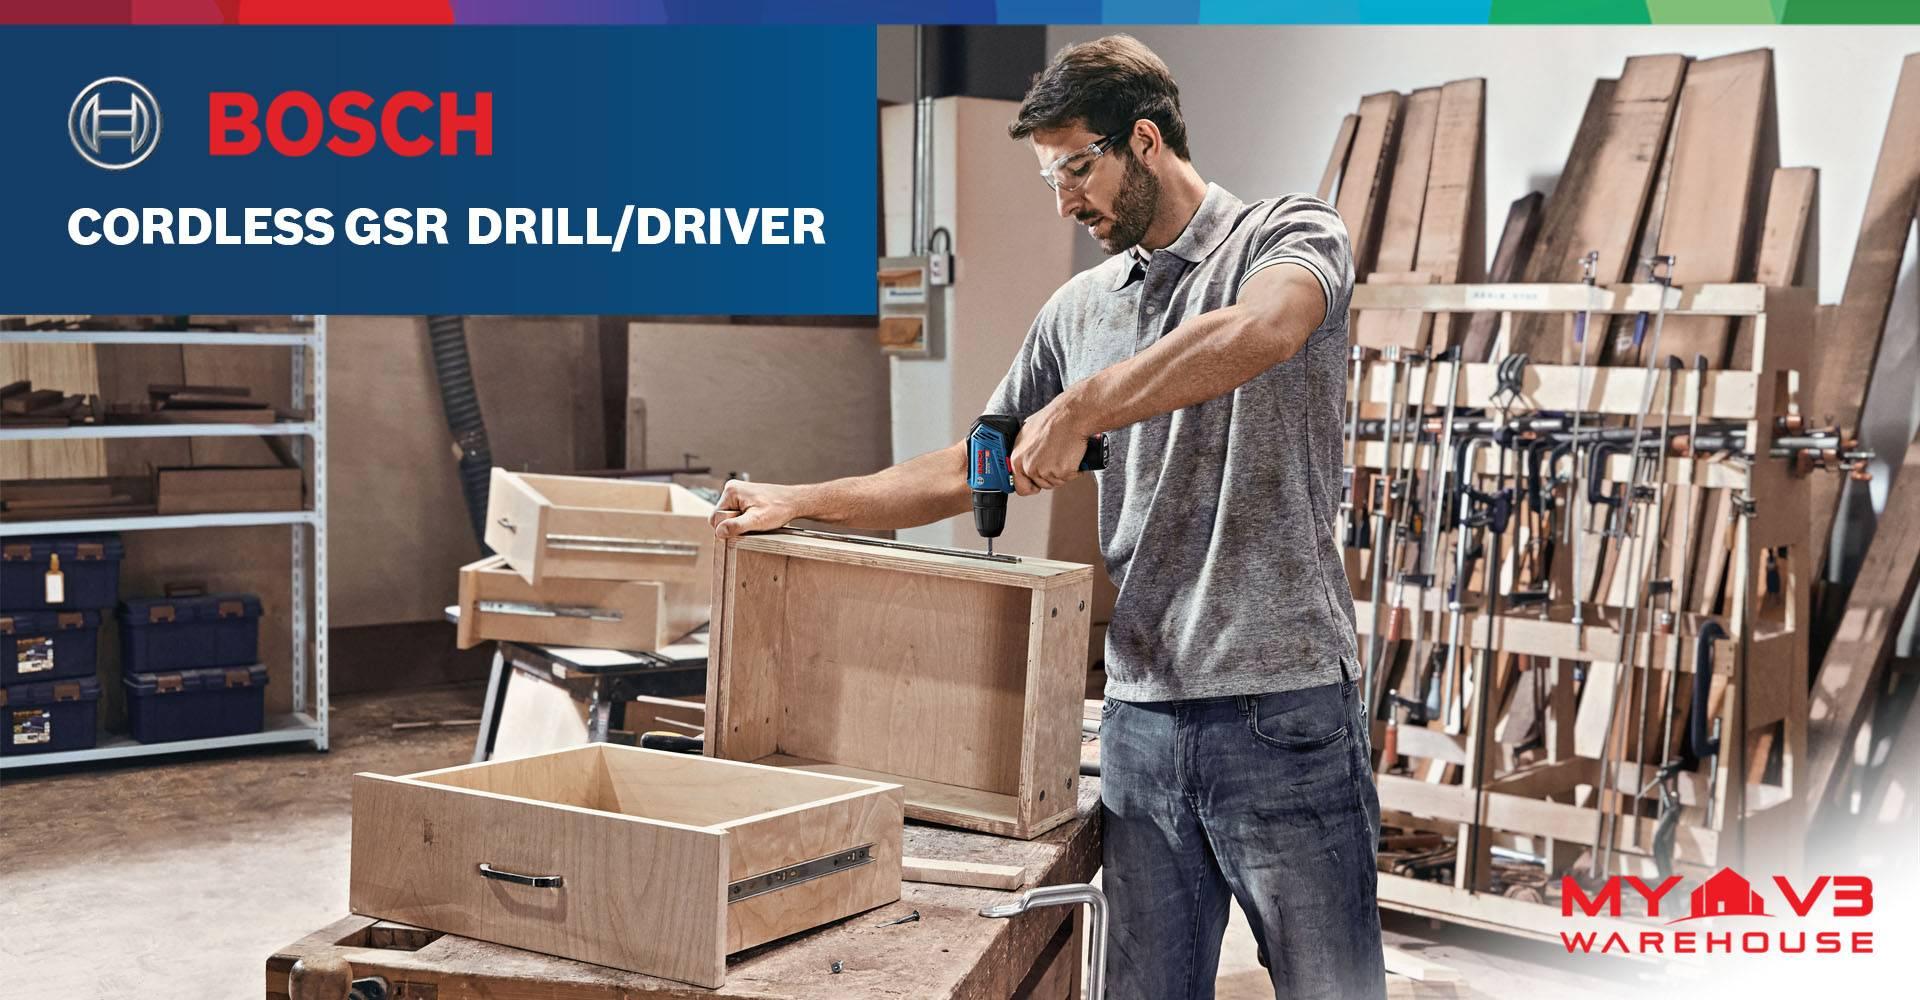 Cordless GSR Drill/Driver